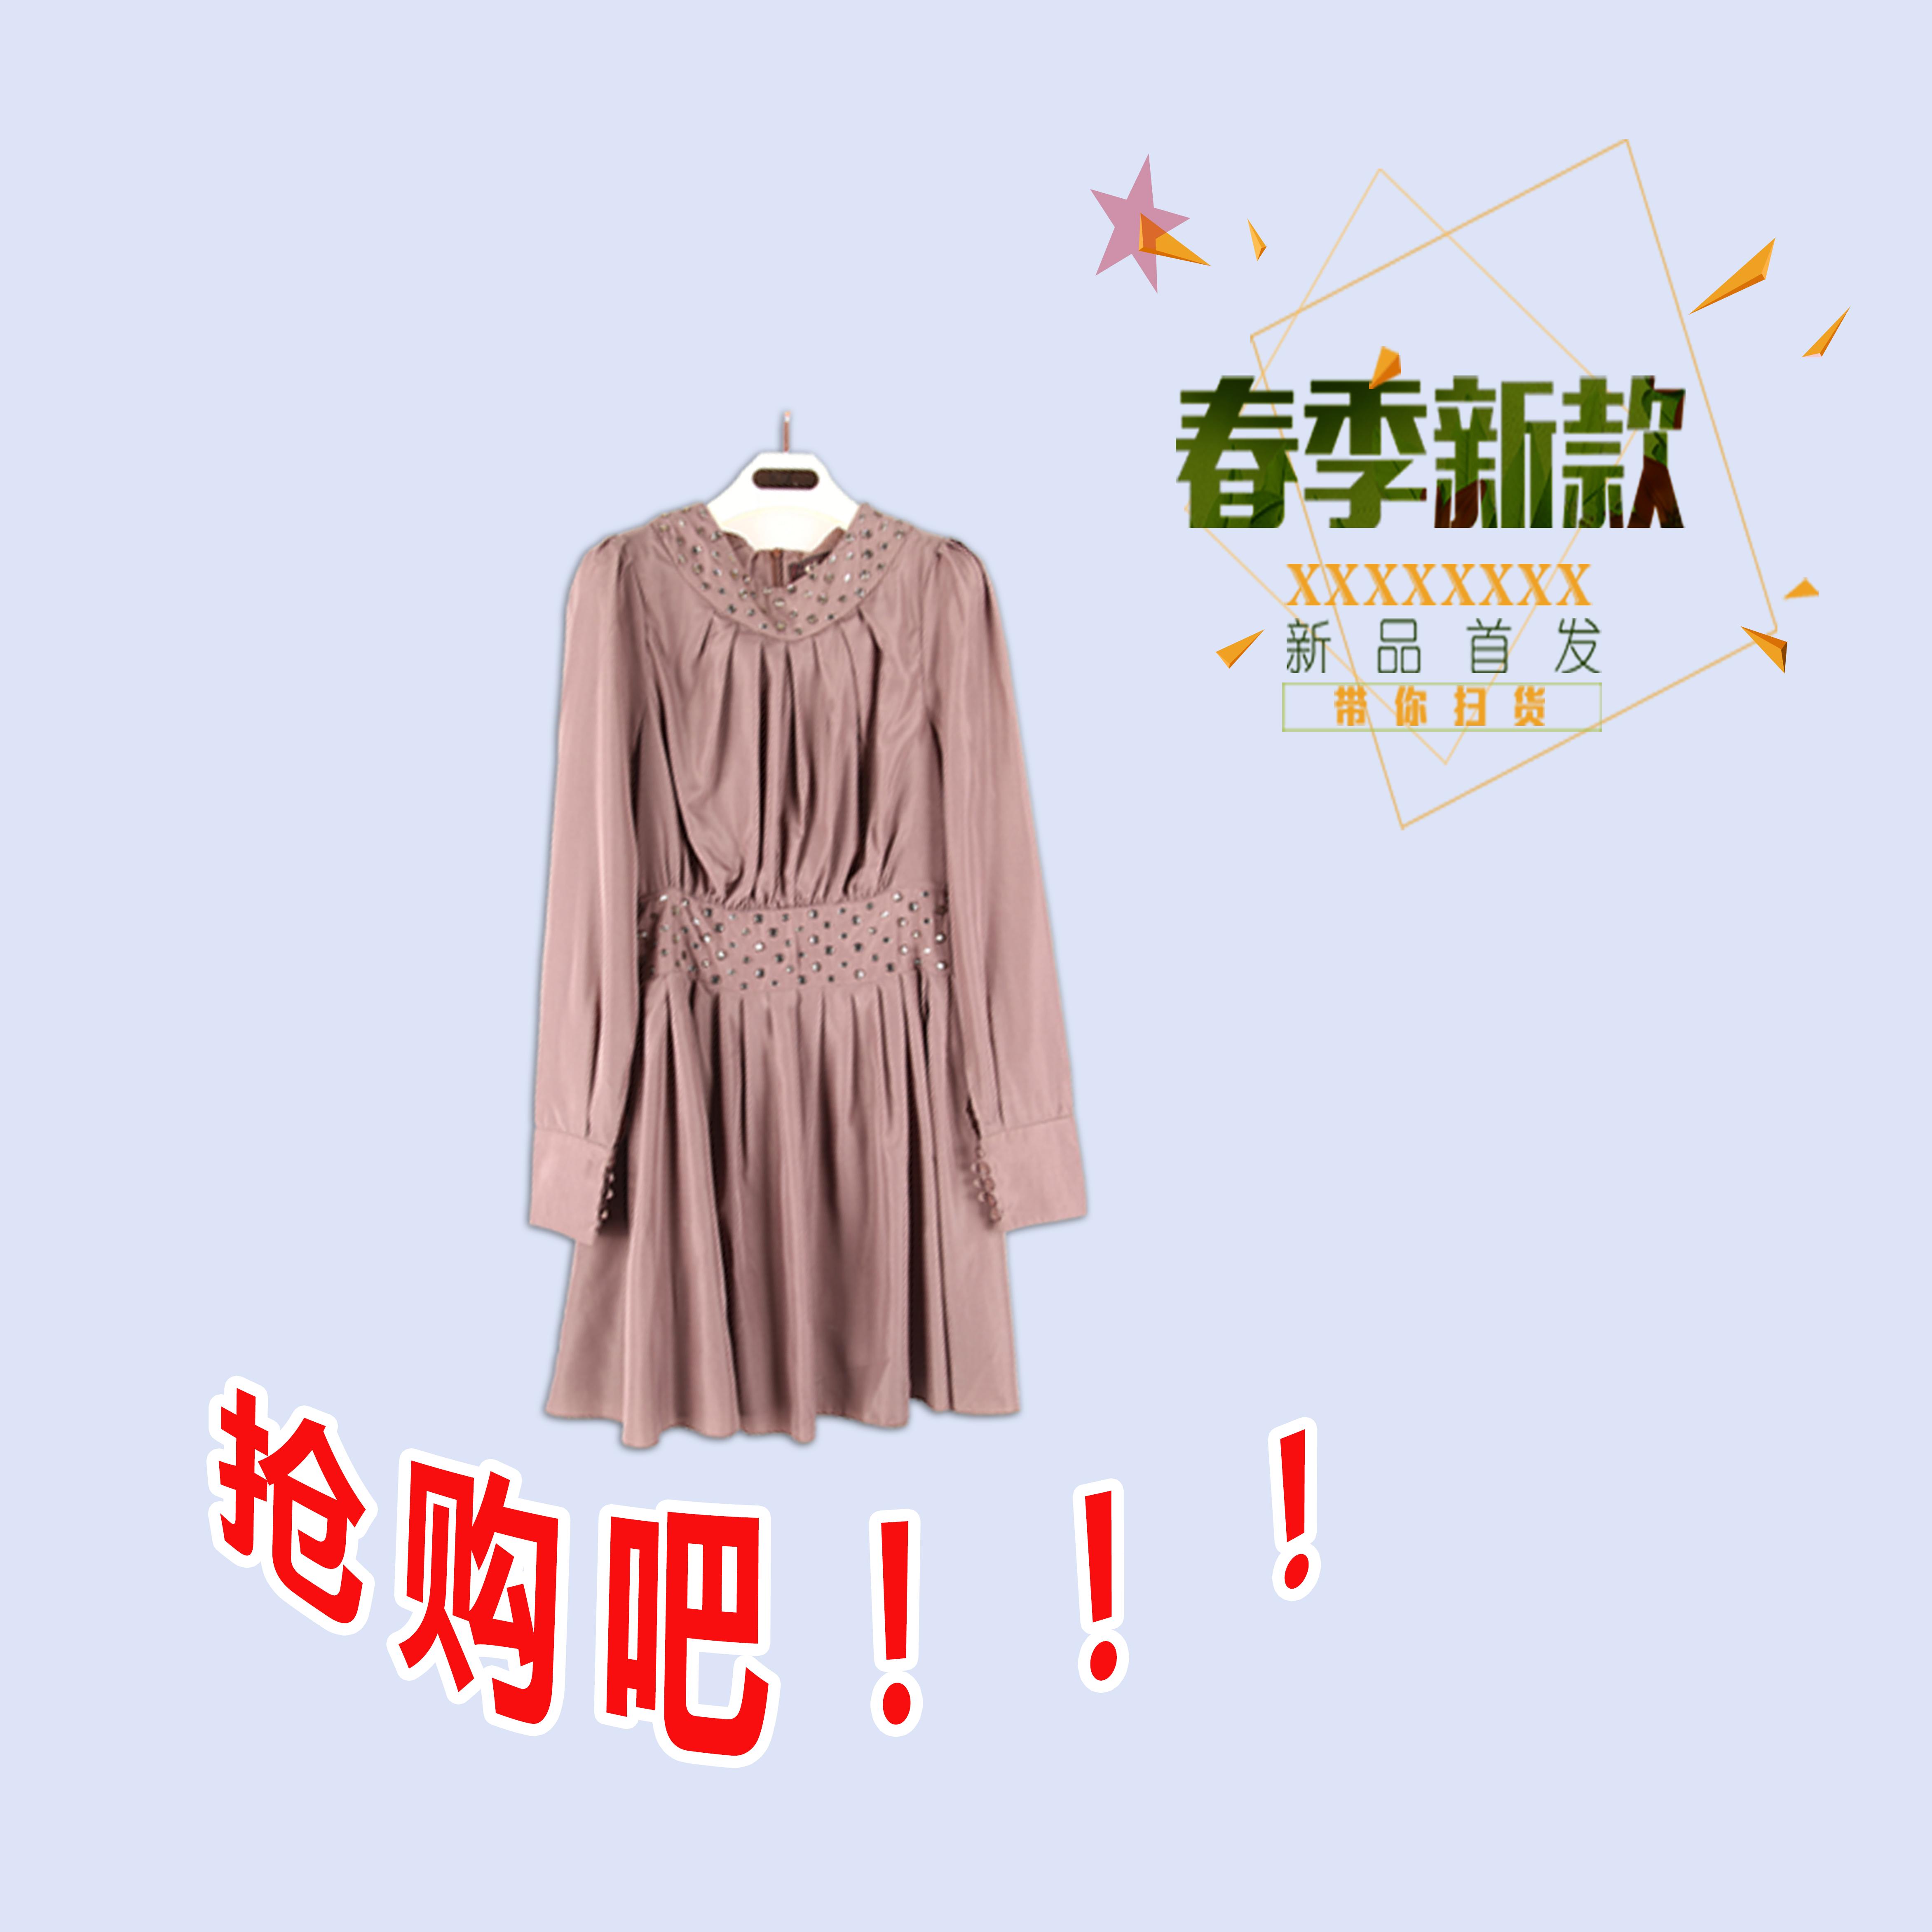 比比服飾2017春秋款新品今渡真絲時尚修身連衣裙